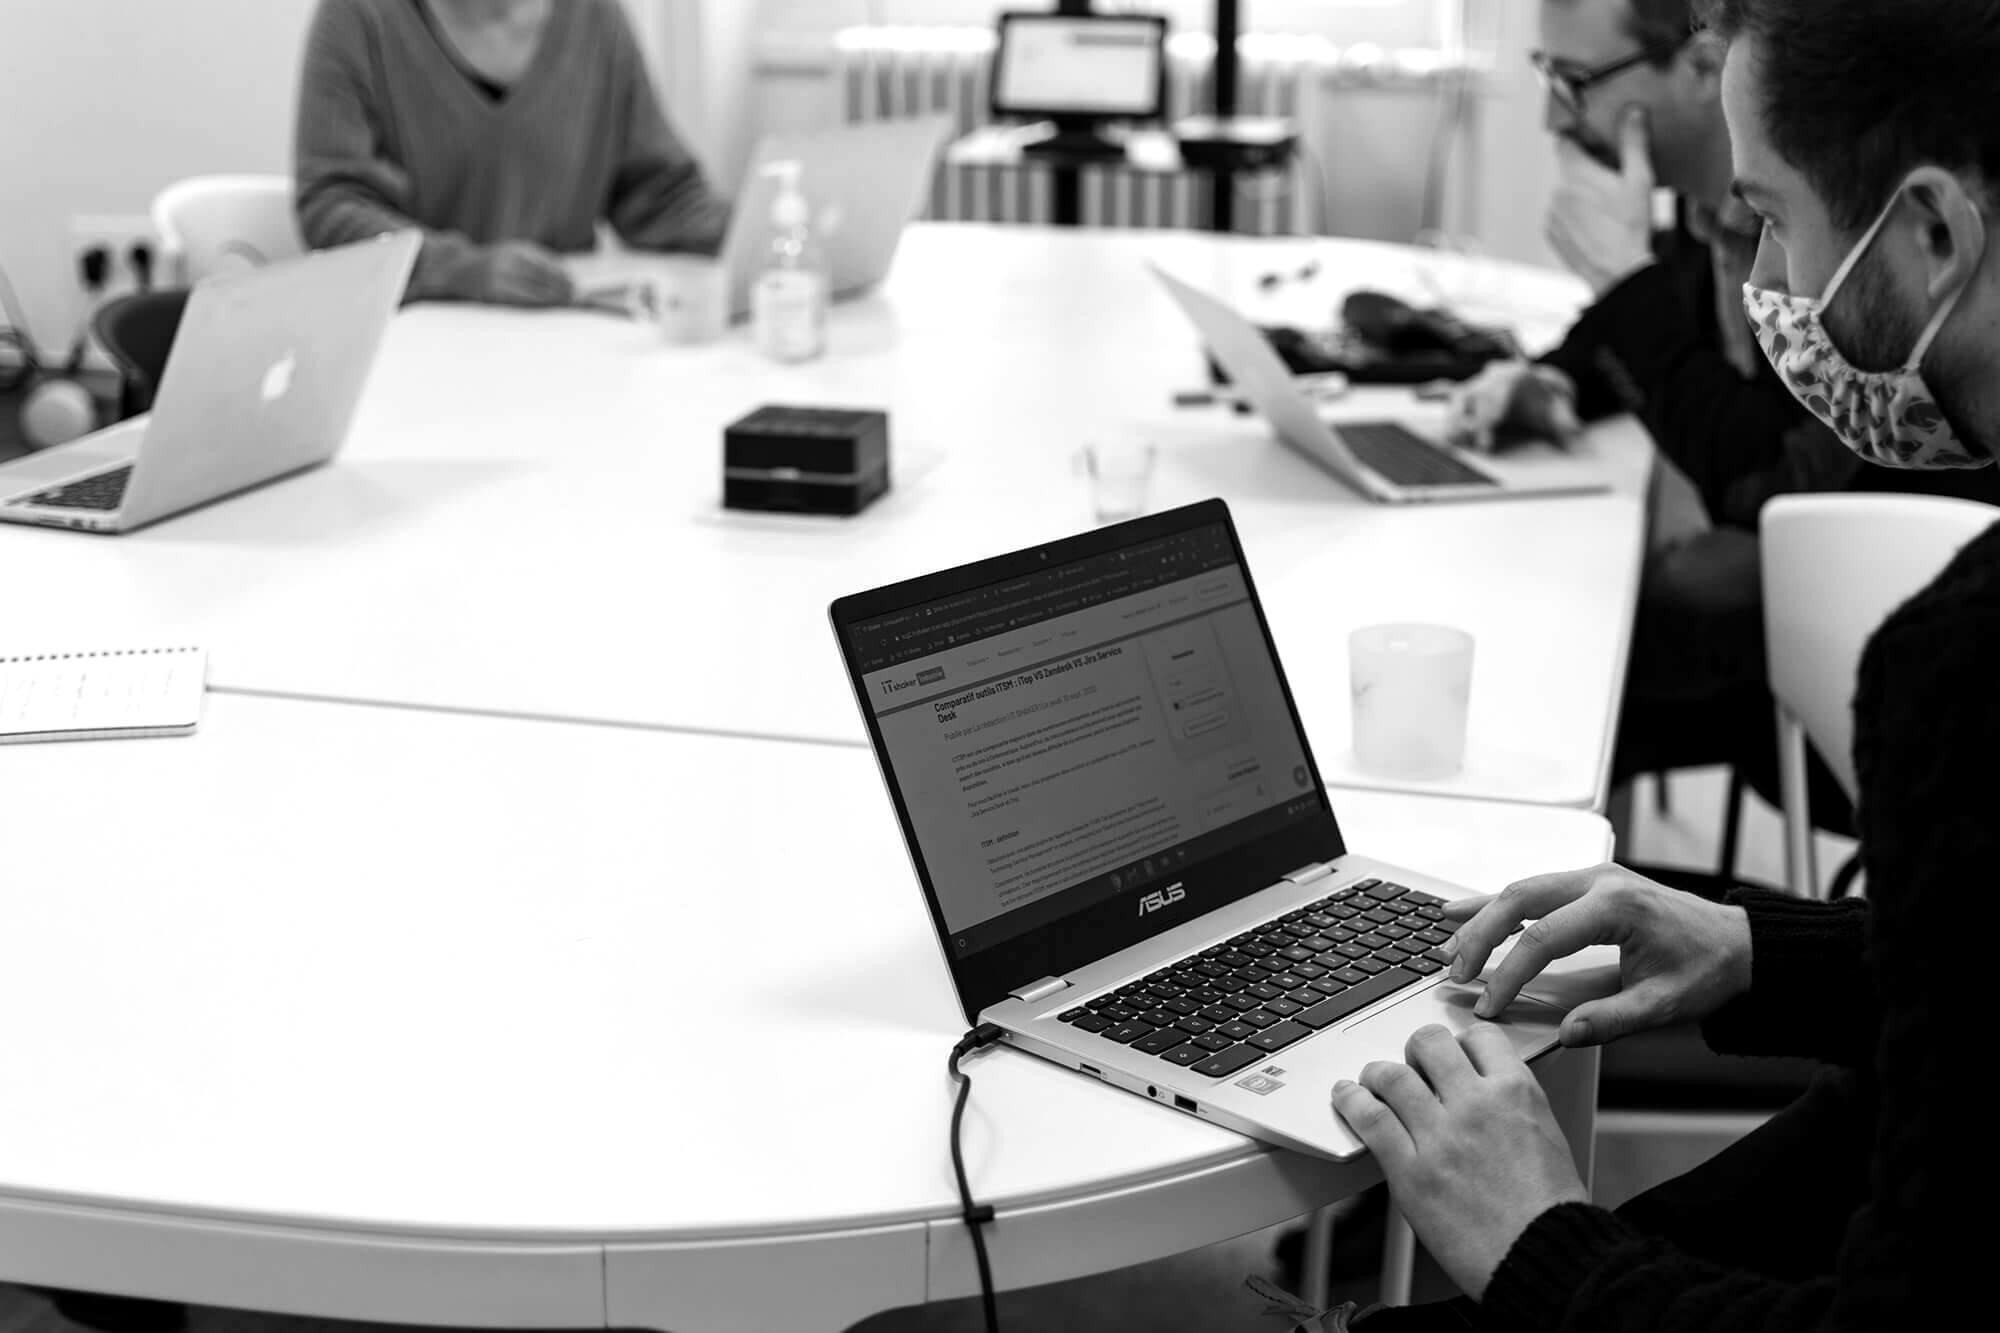 Groupe de personnes autour d'une table en réunion